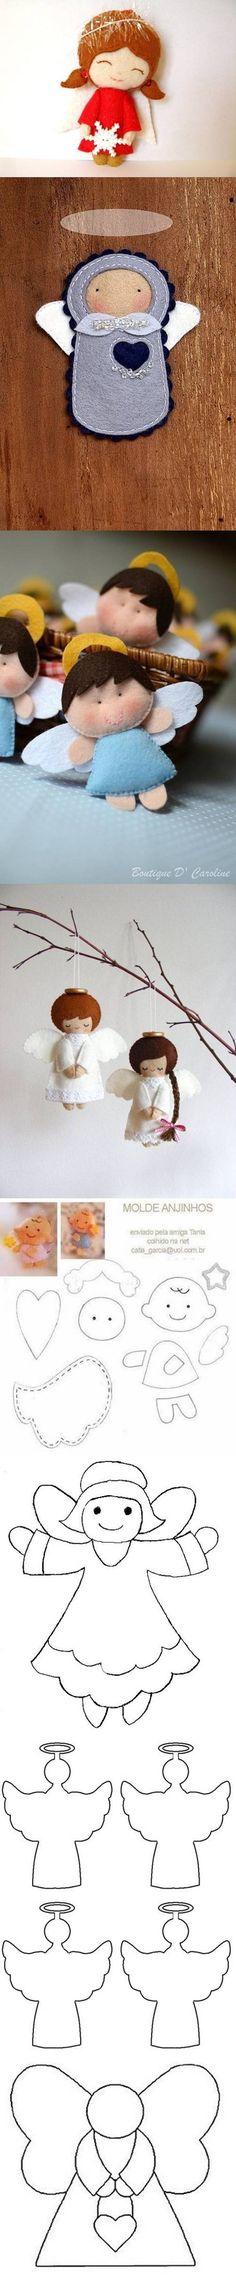 DIY Felt Angels Templates